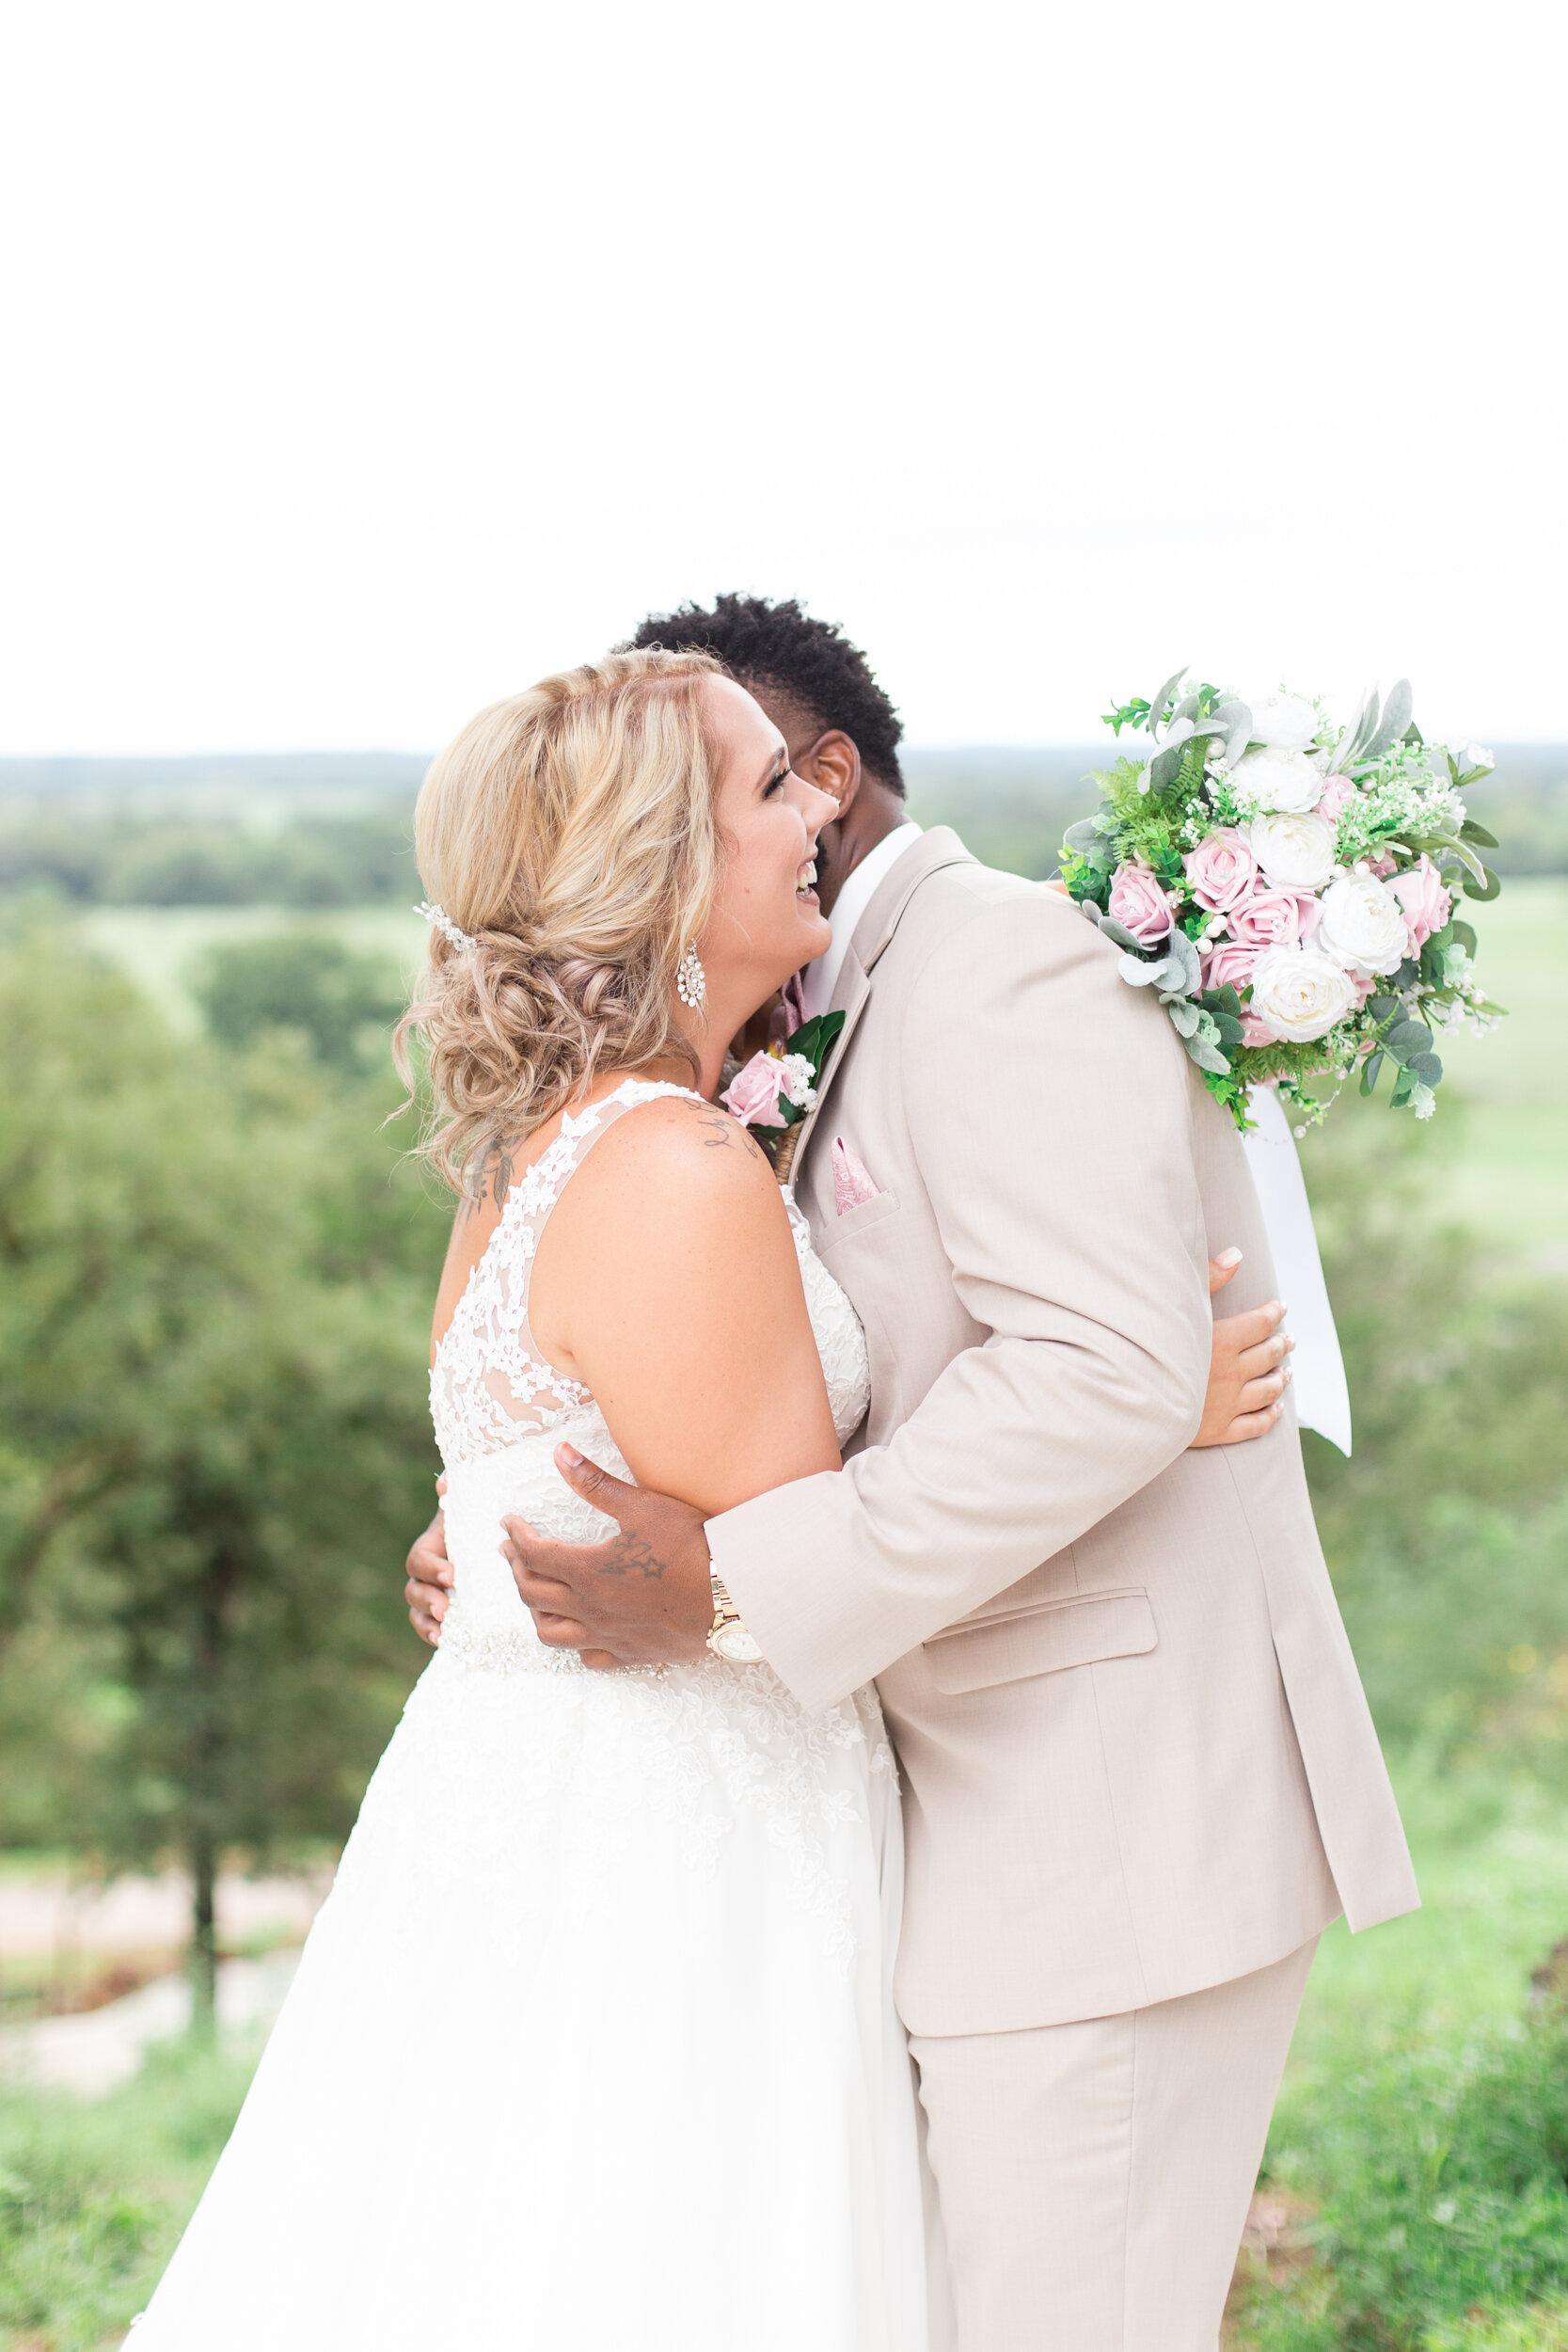 Emanuel-Wedding_kelsiehendricksphotography-34.jpg